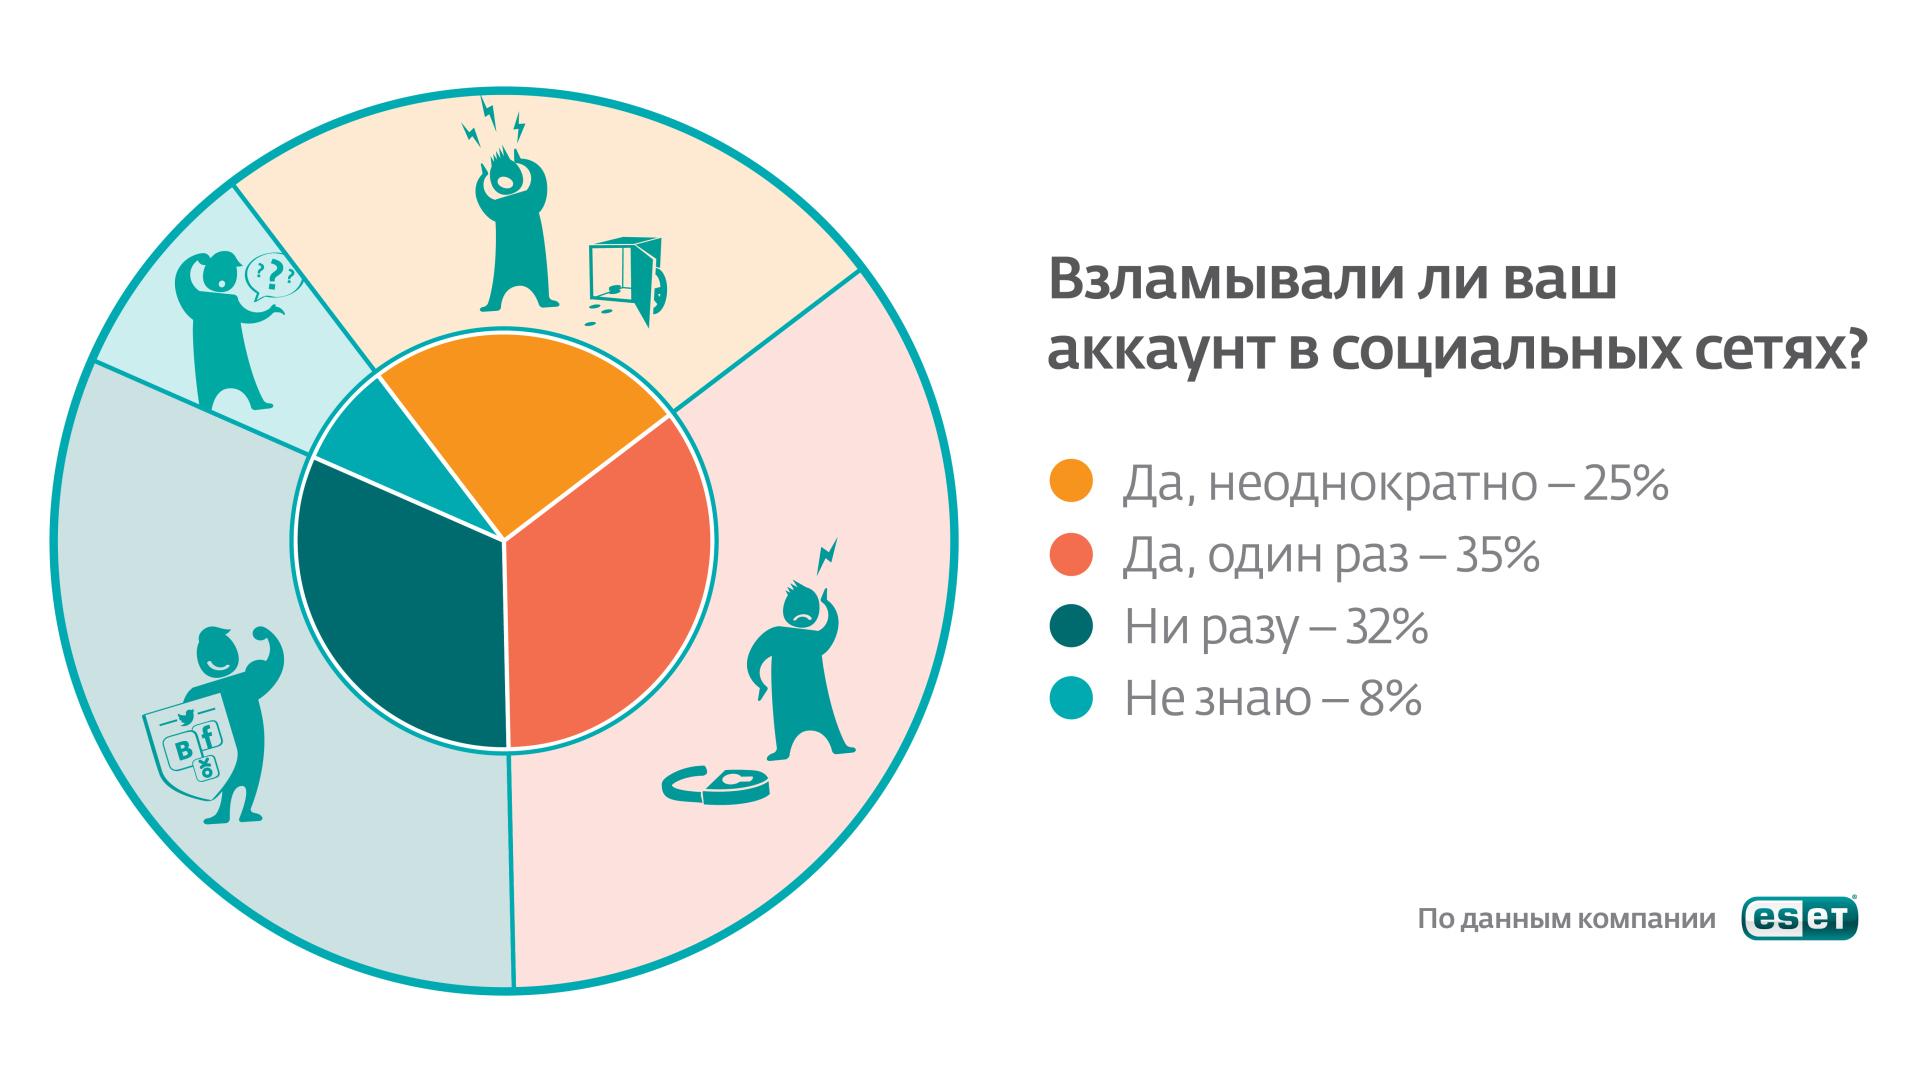 Согласно общим результатам опроса, 60% пользователей (около двух тысяч